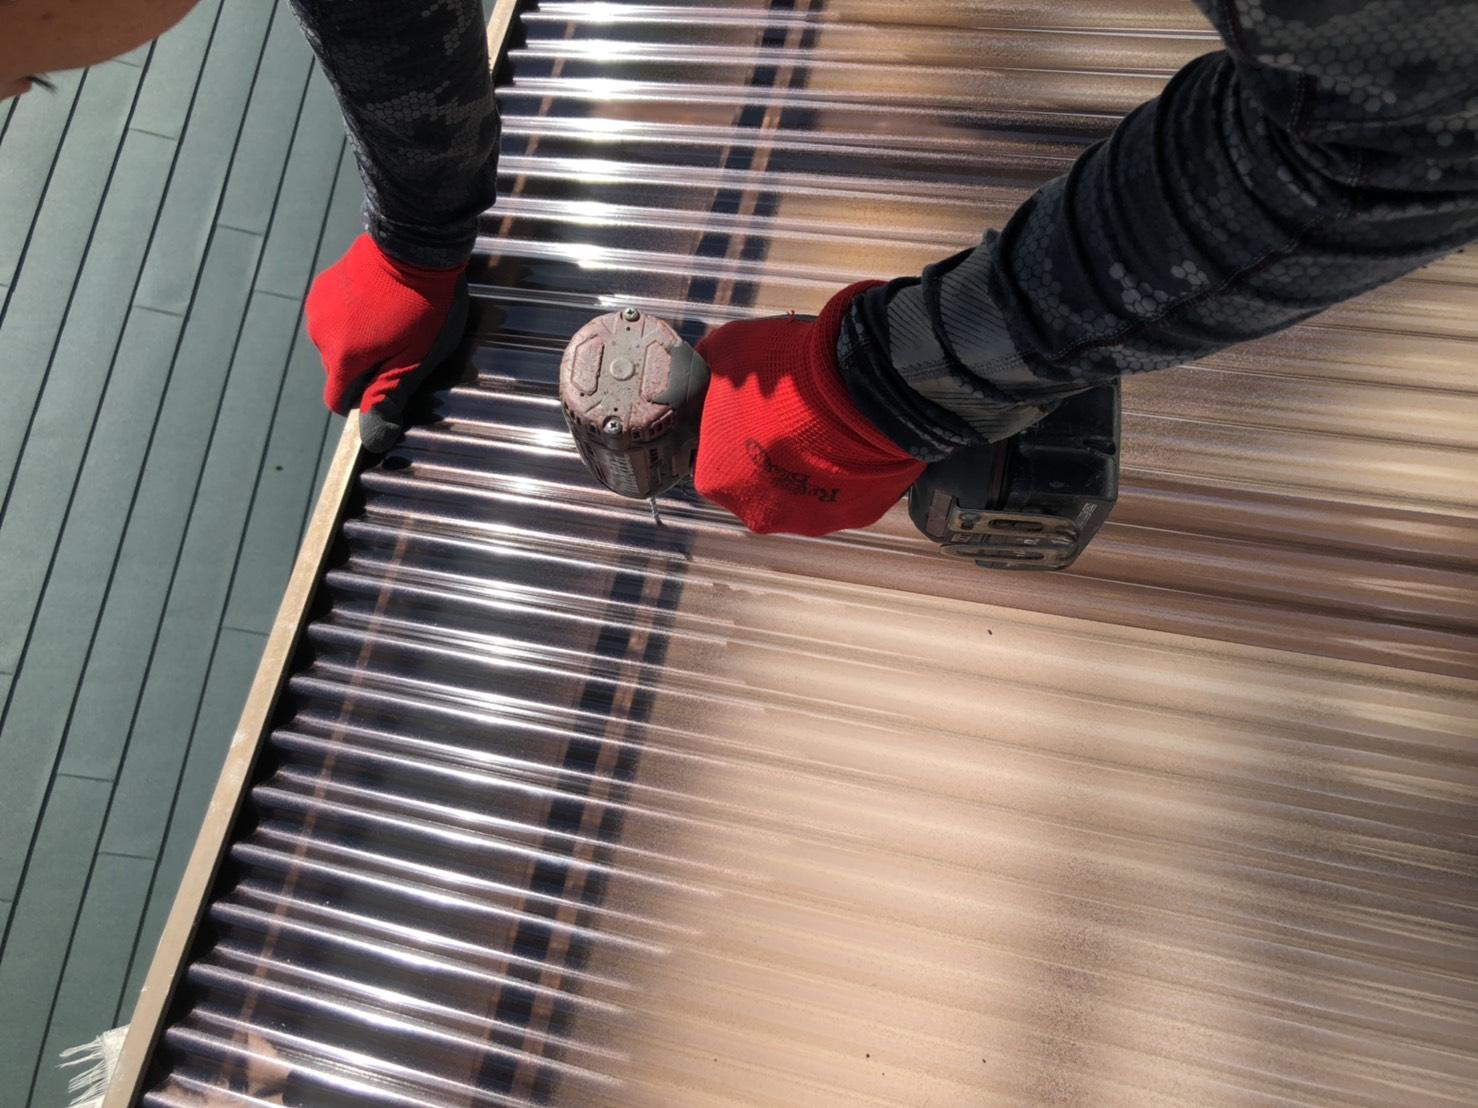 ベランダ屋根の波板を固定するために下穴を開けている様子